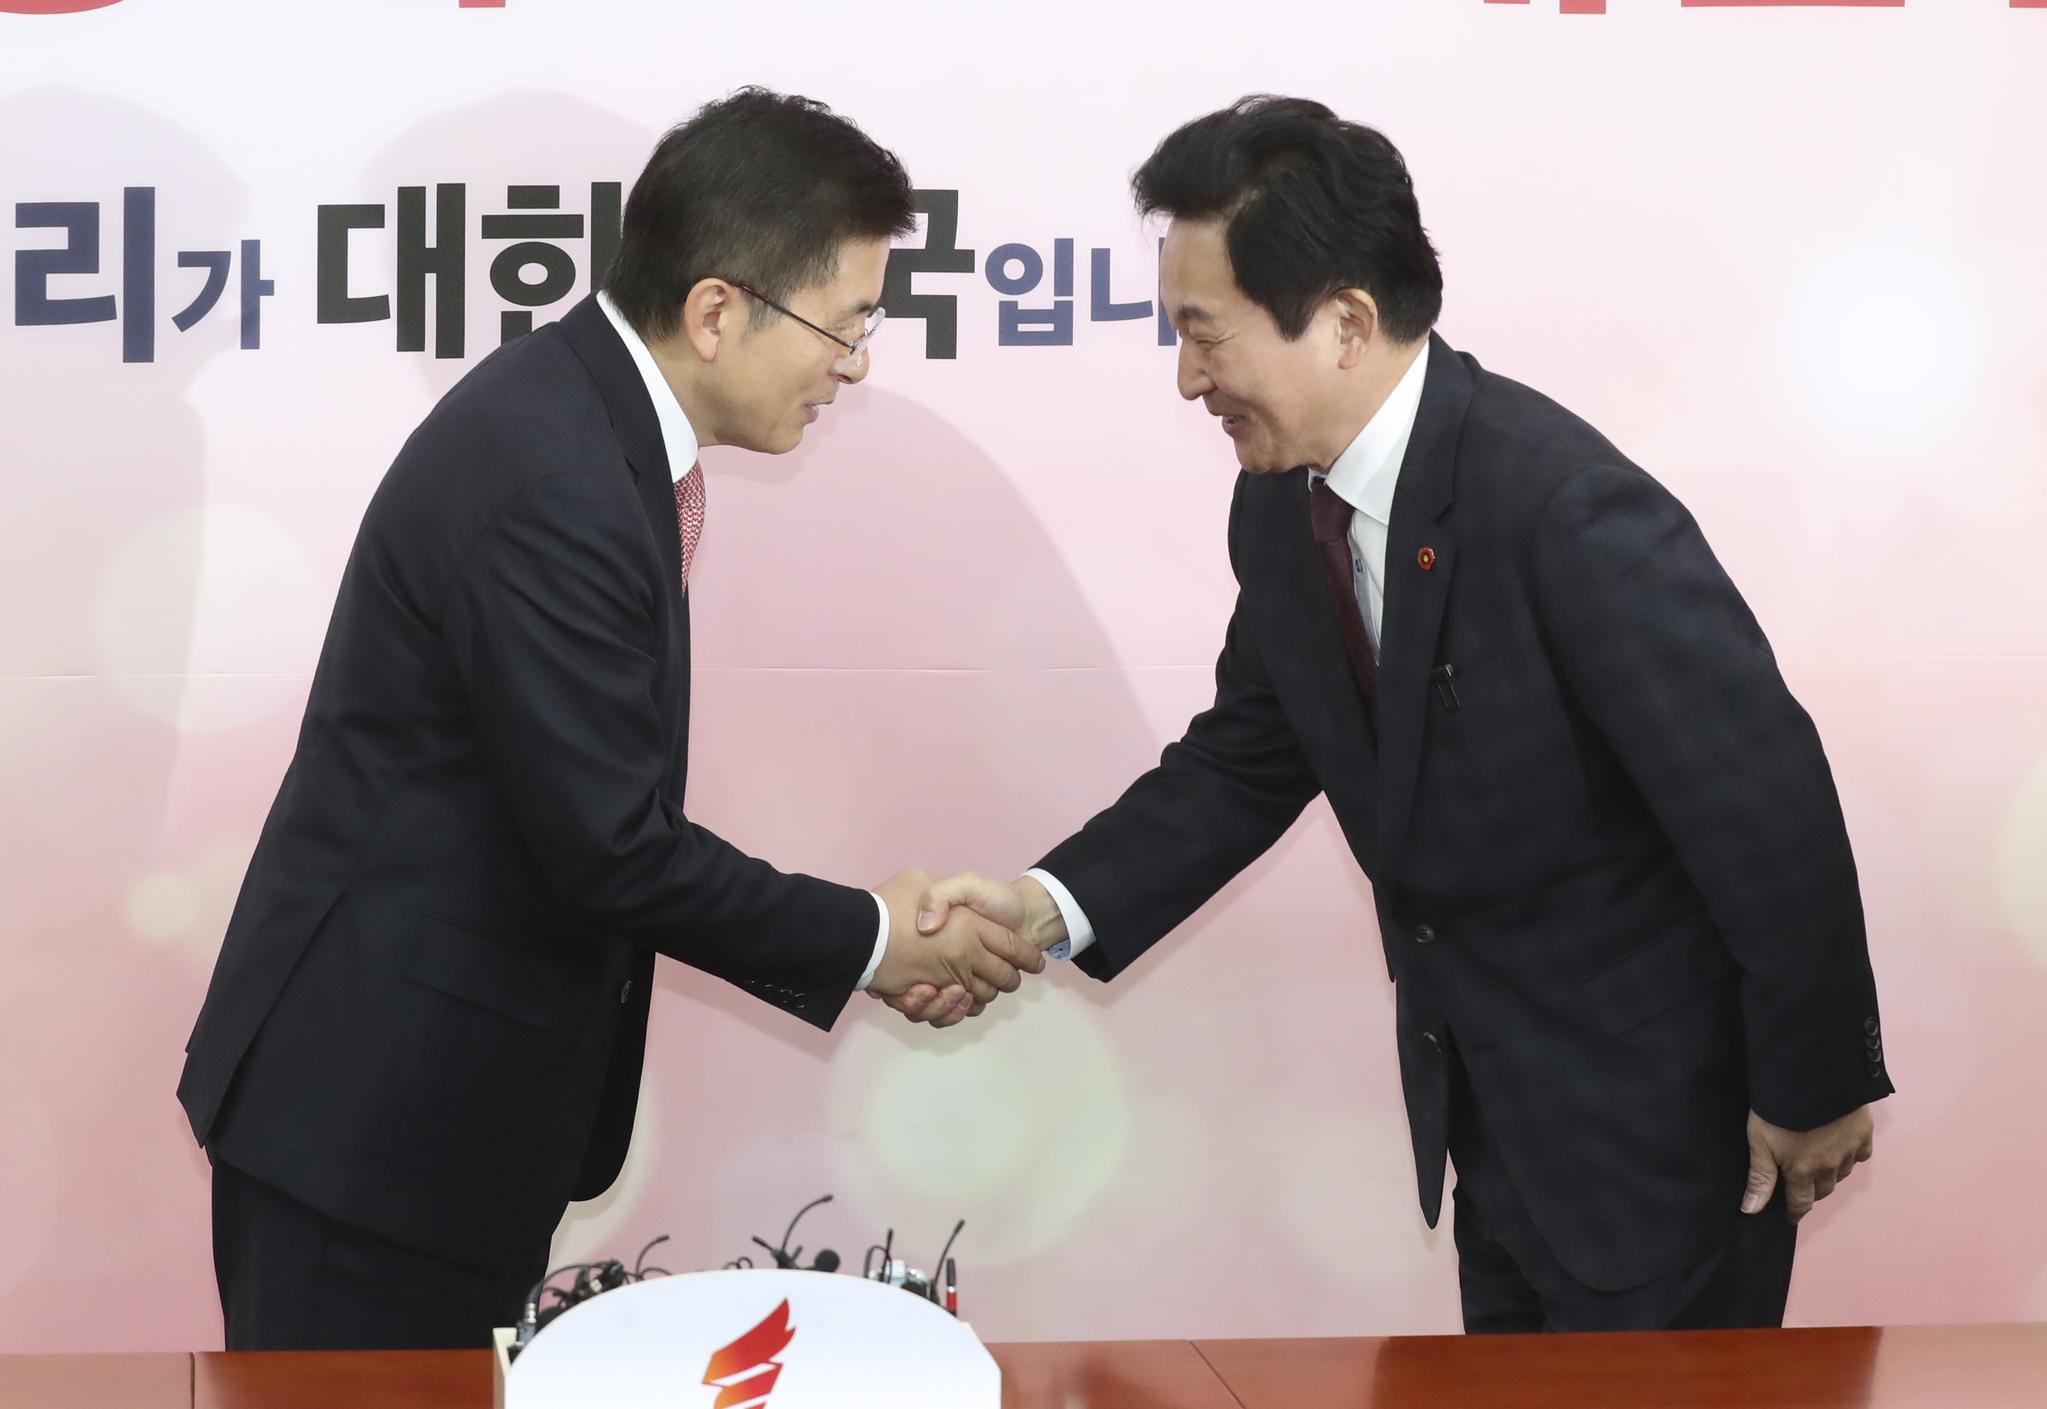 황교안 자유한국당 대표(왼쪽)가 22일 국회에서 원희룡 제주도지사와 인사하고 있다. 임현동 기자